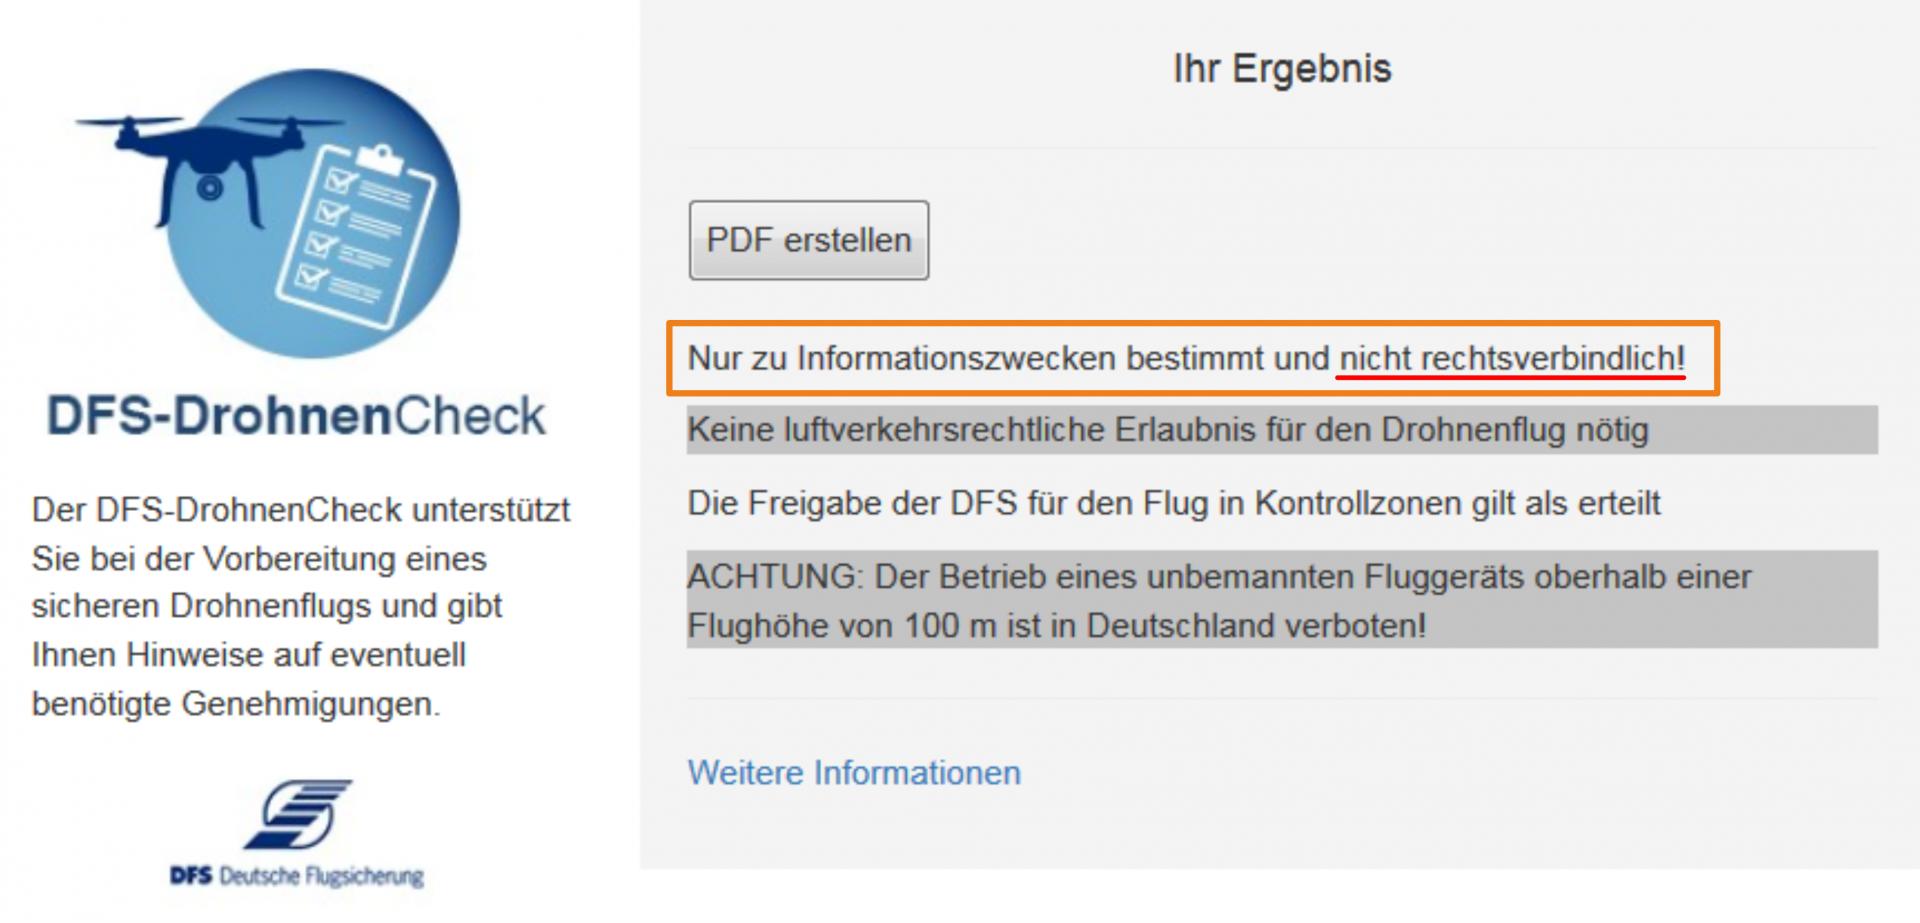 Abb 9.2-2a  DFS-DrohnenCheck 3.png